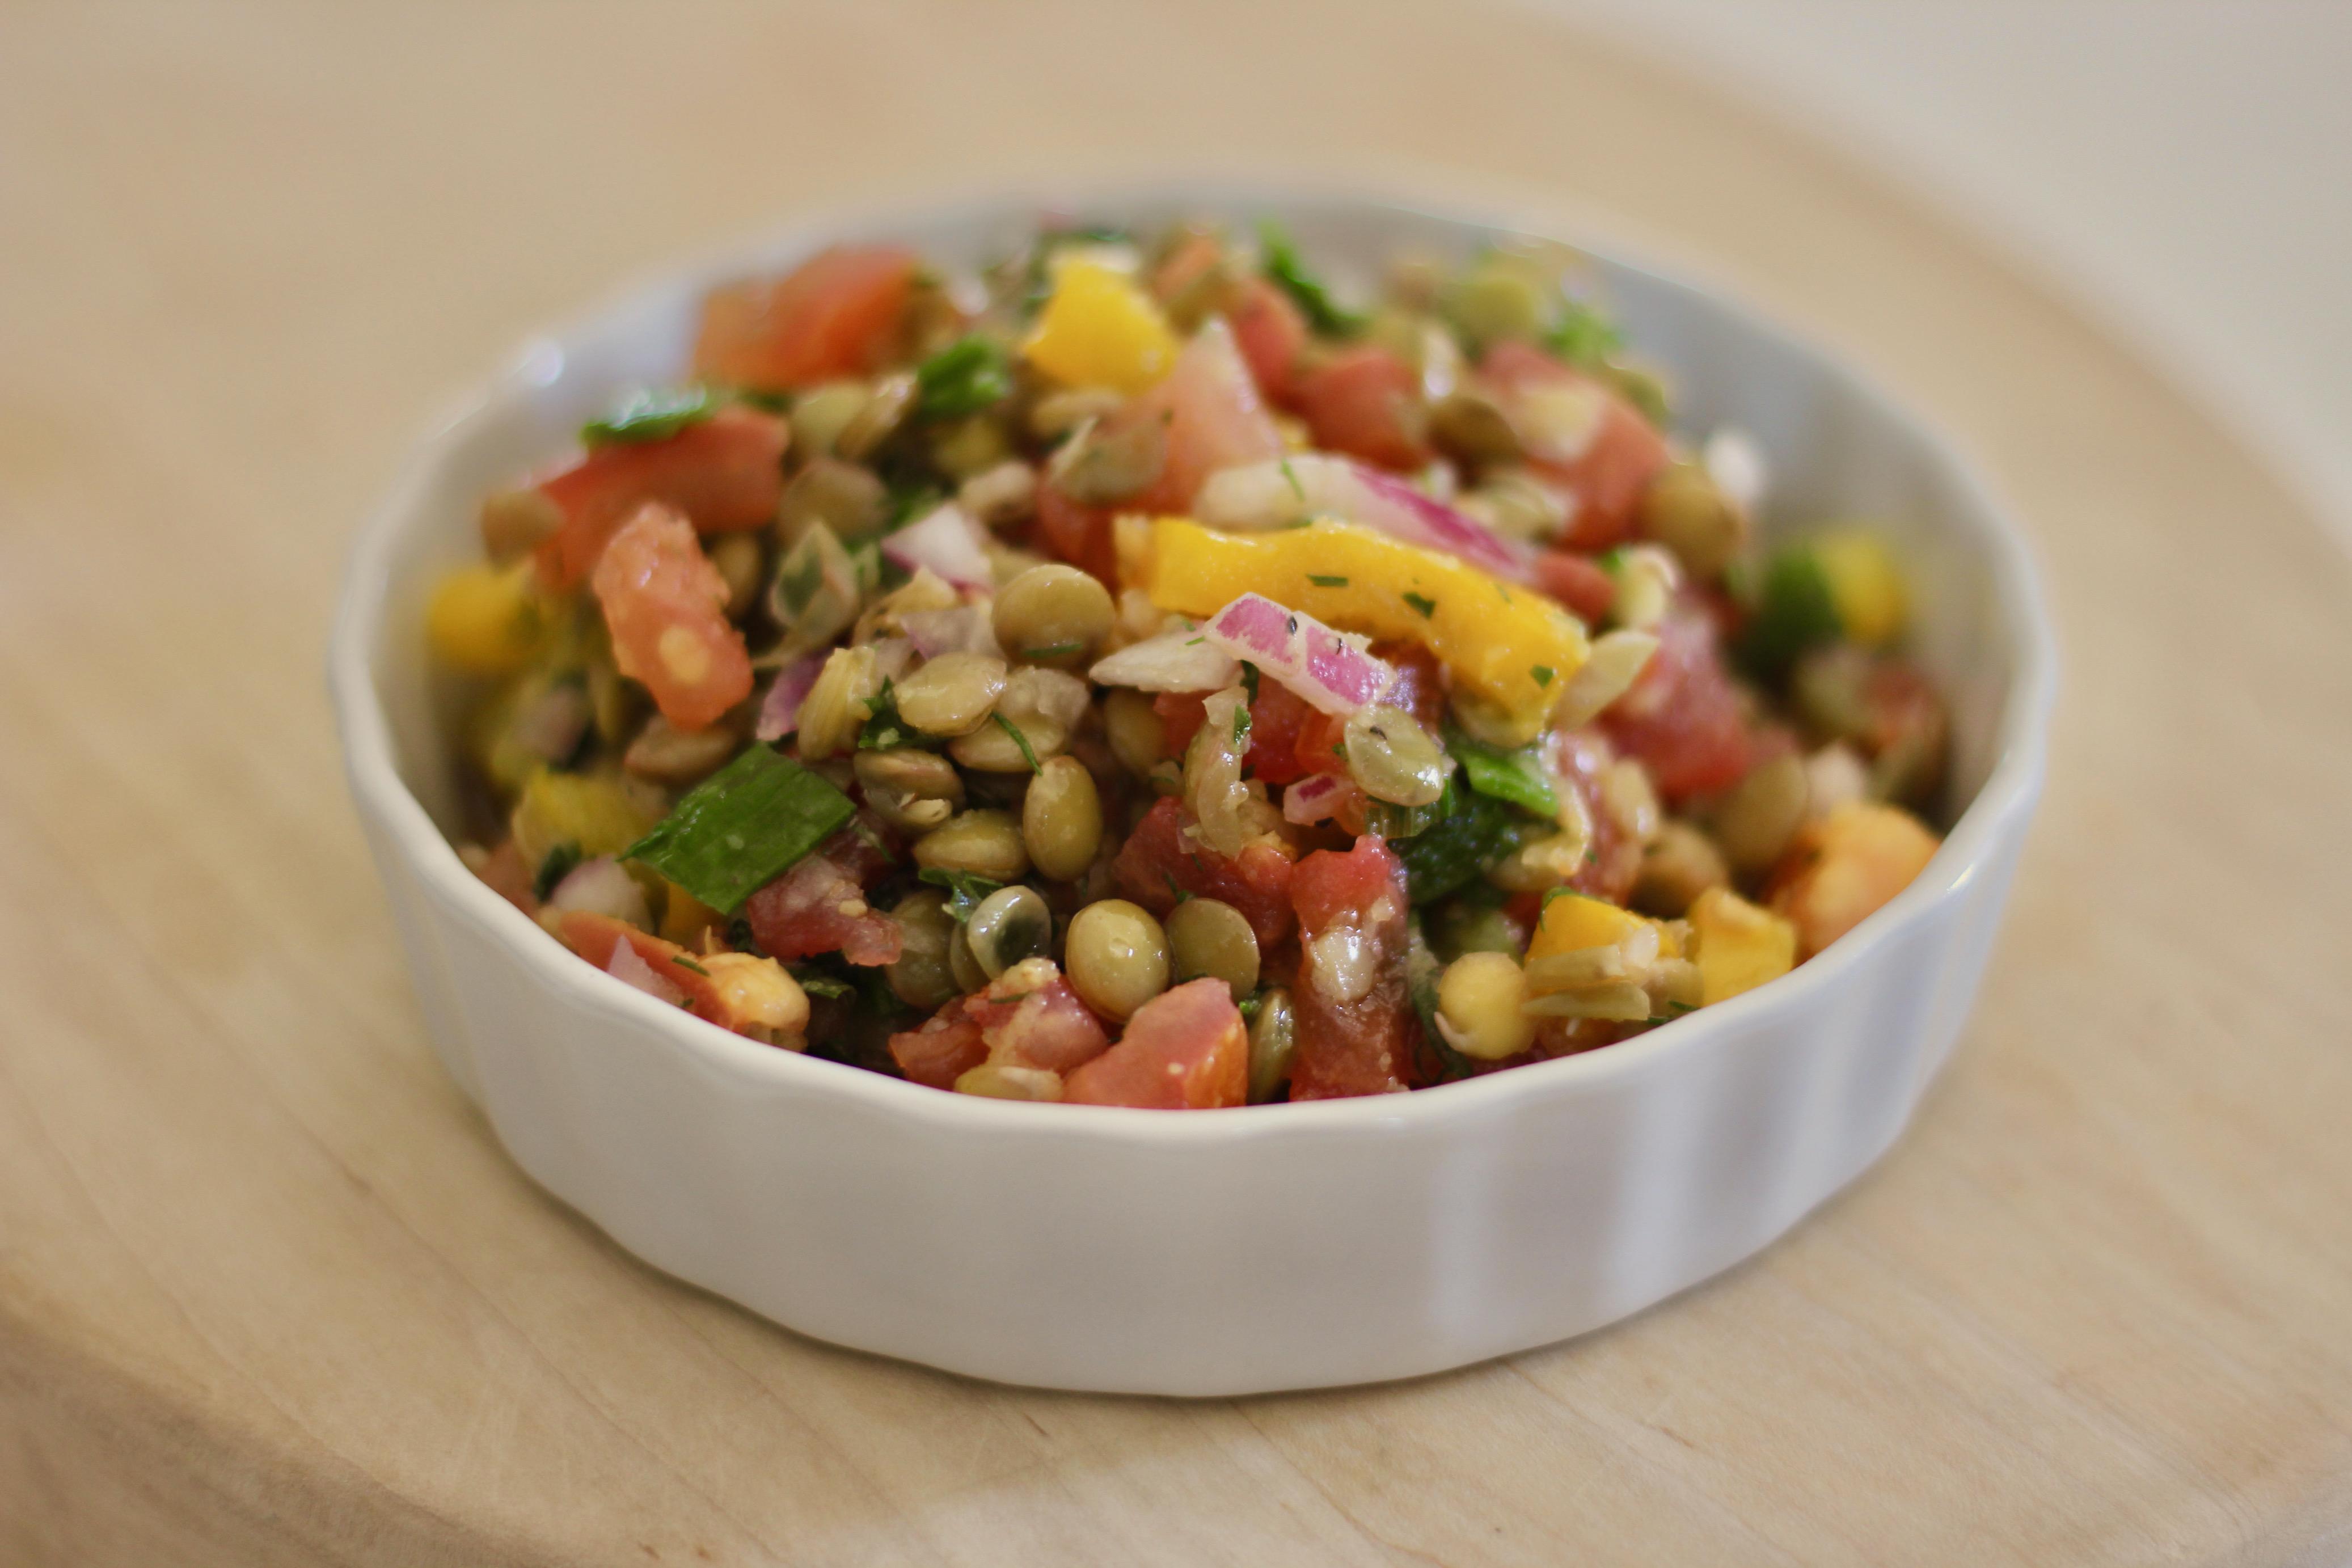 Vegan French Lentil Salad